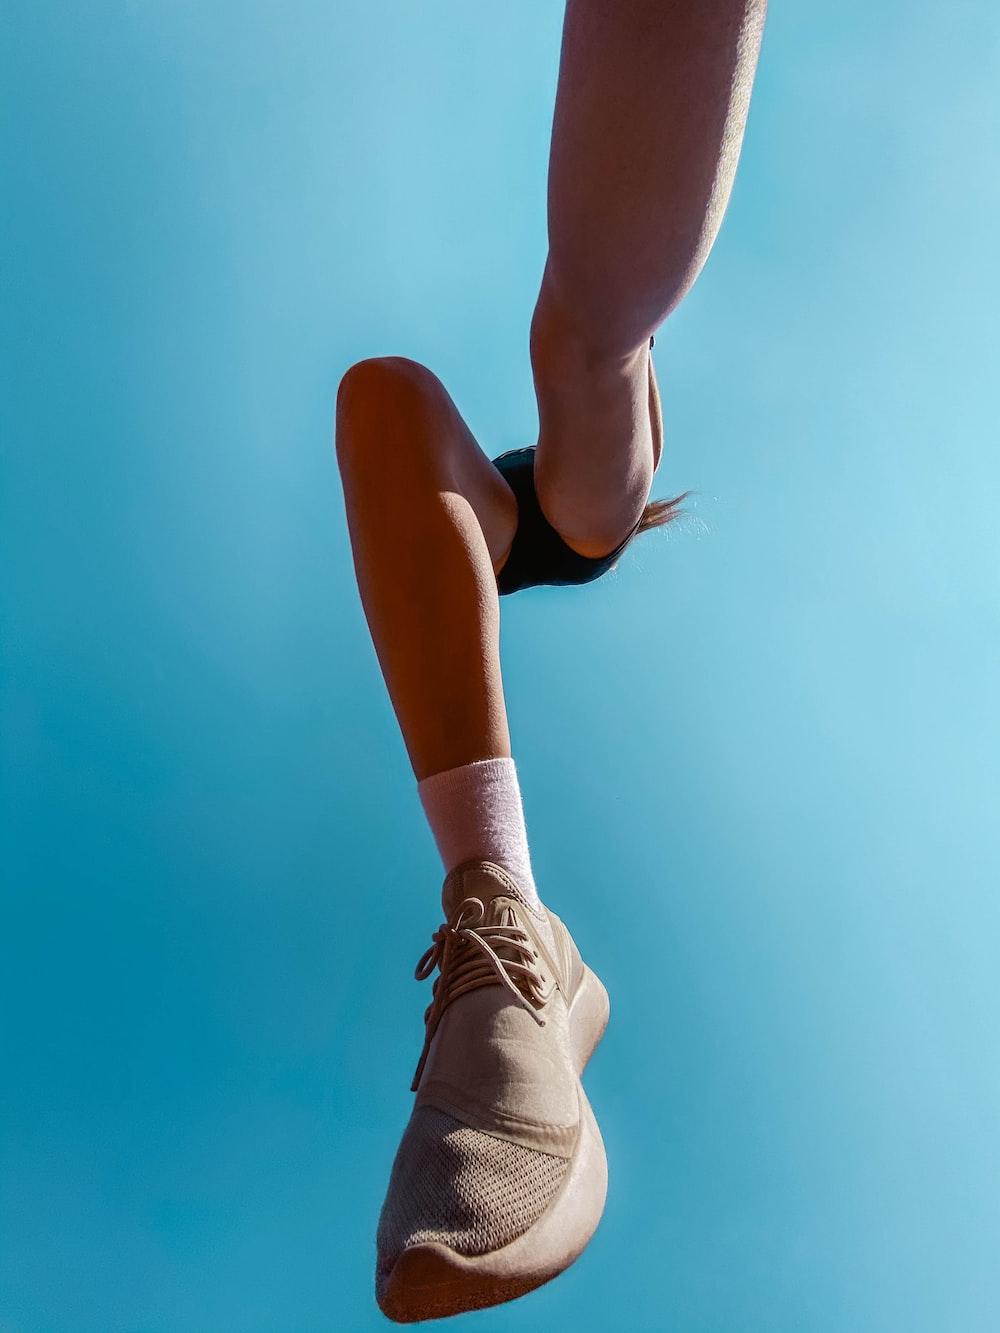 woman in brown low top sneakers